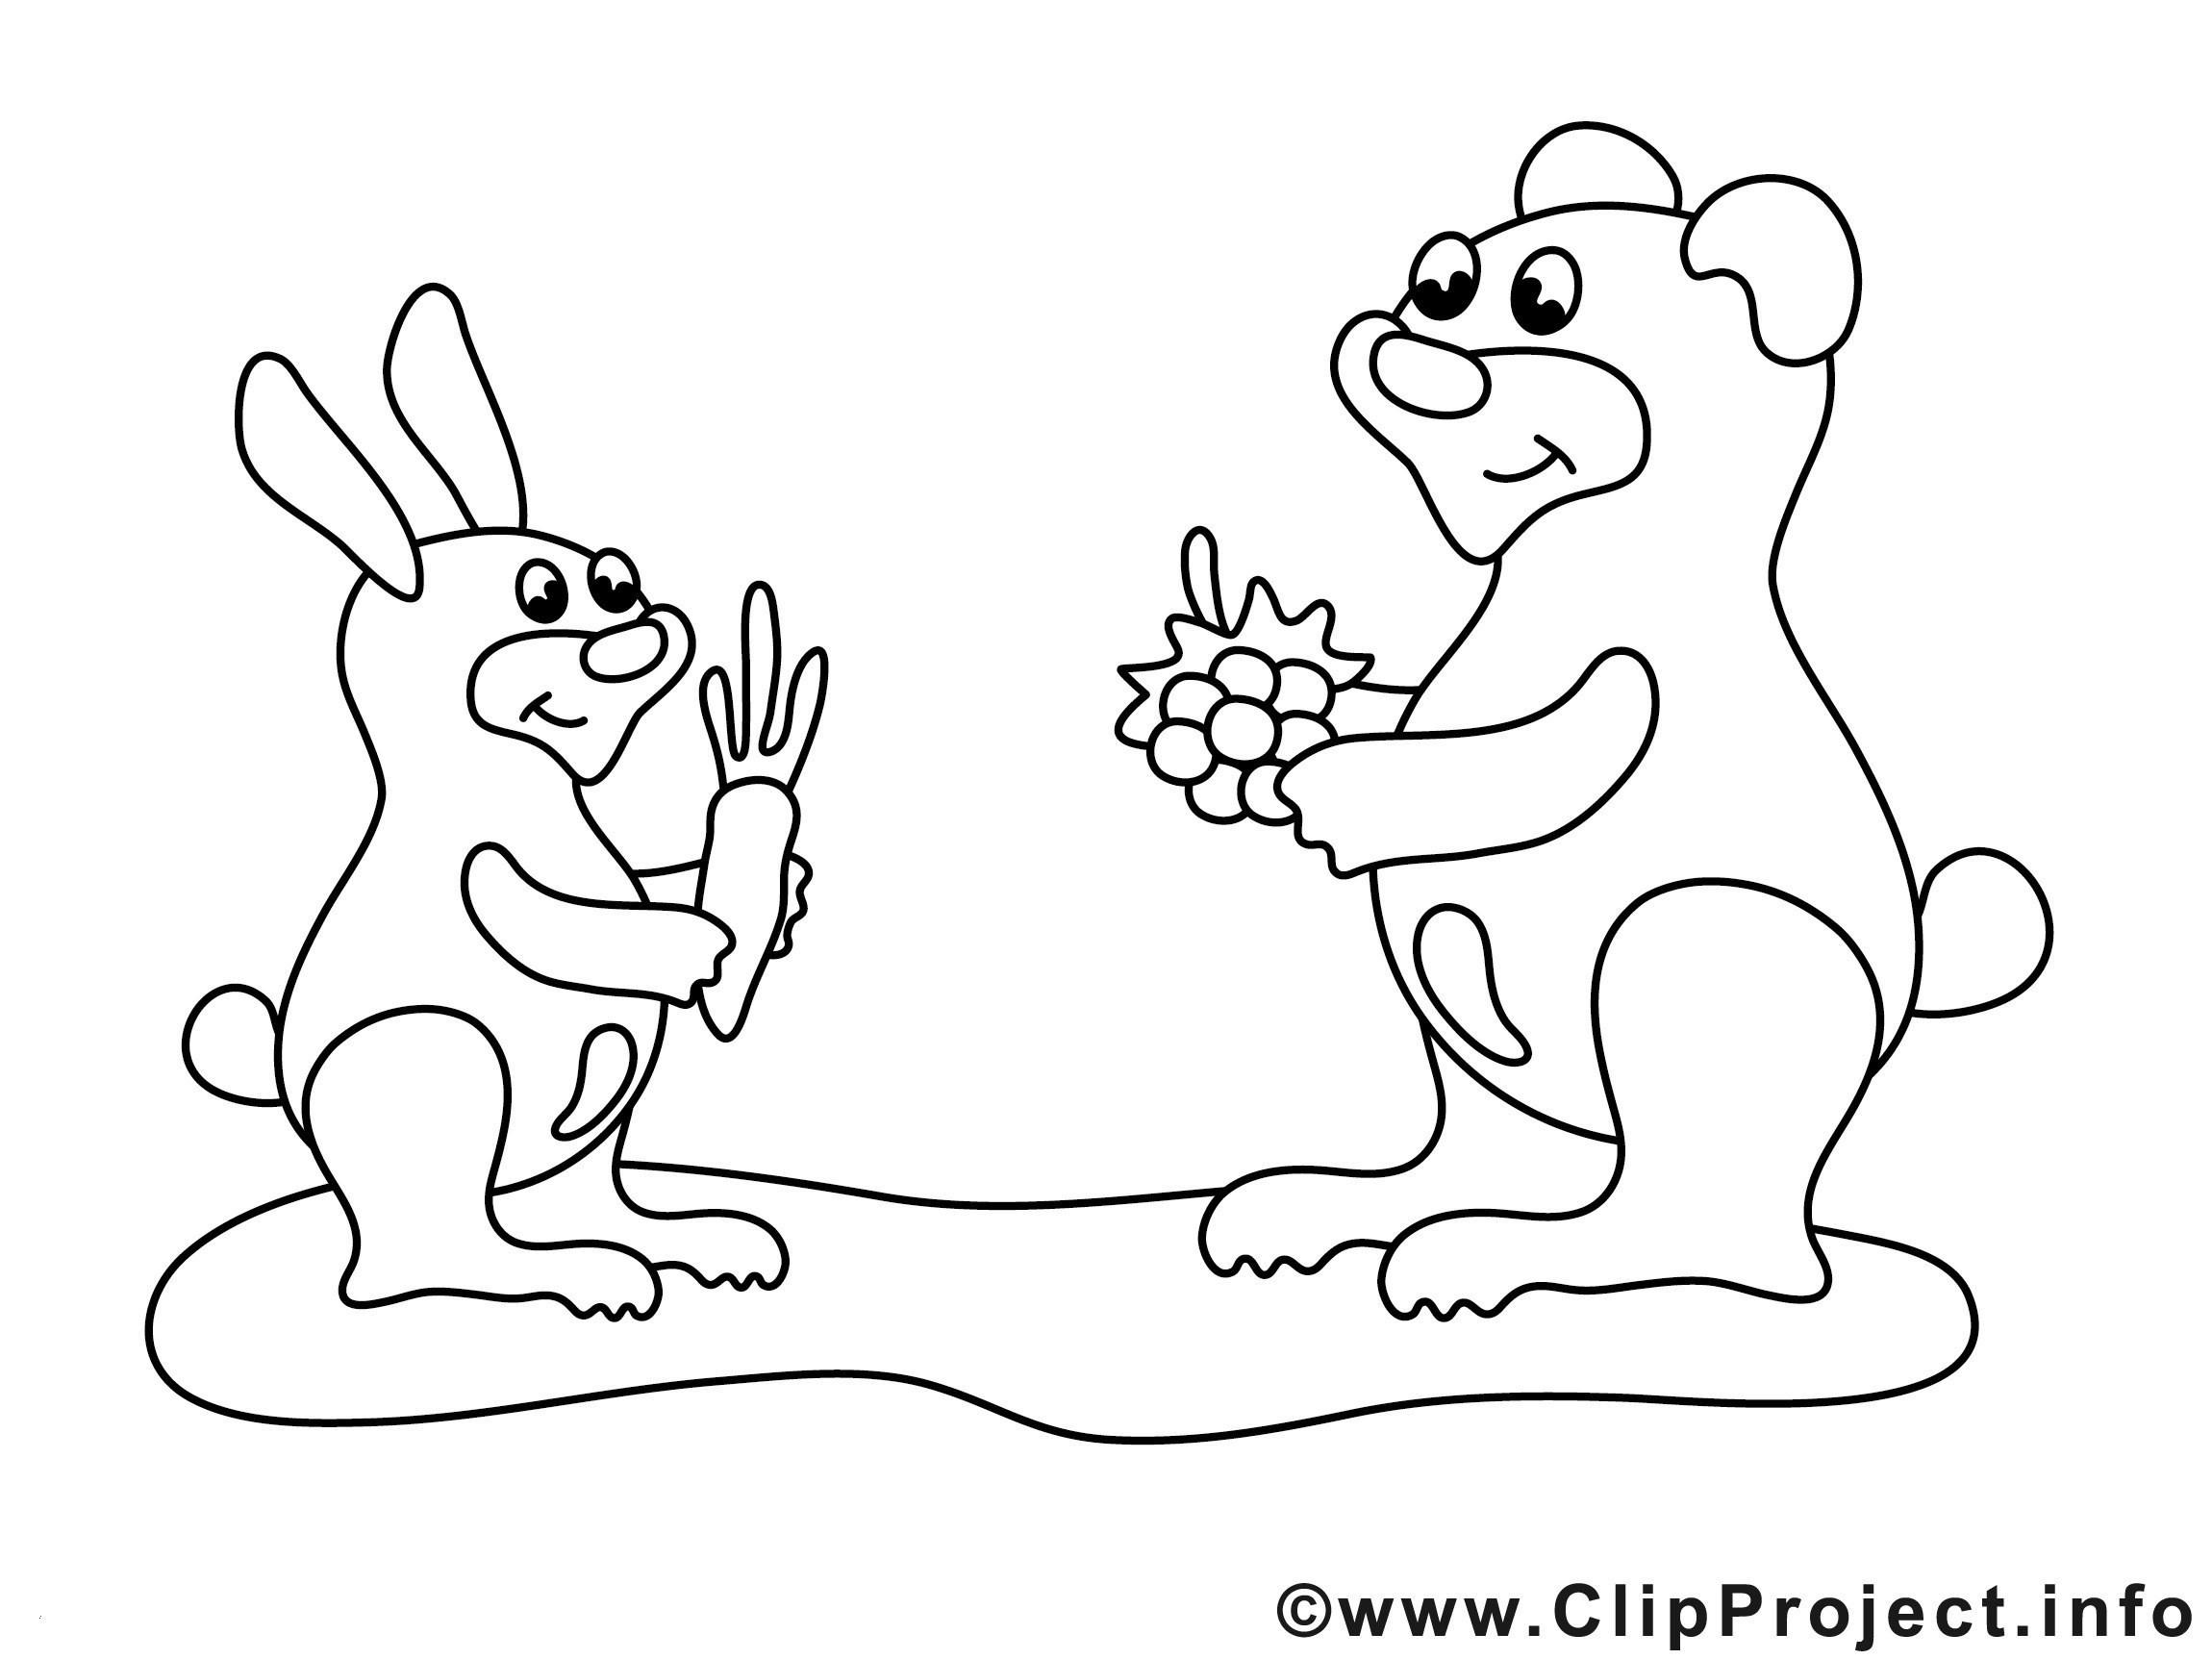 Maus Und Elefant Ausmalbilder Einzigartig Nashorn Zum Ausmalen élégant S Maus Und Elefant Ausmalbilder Bild